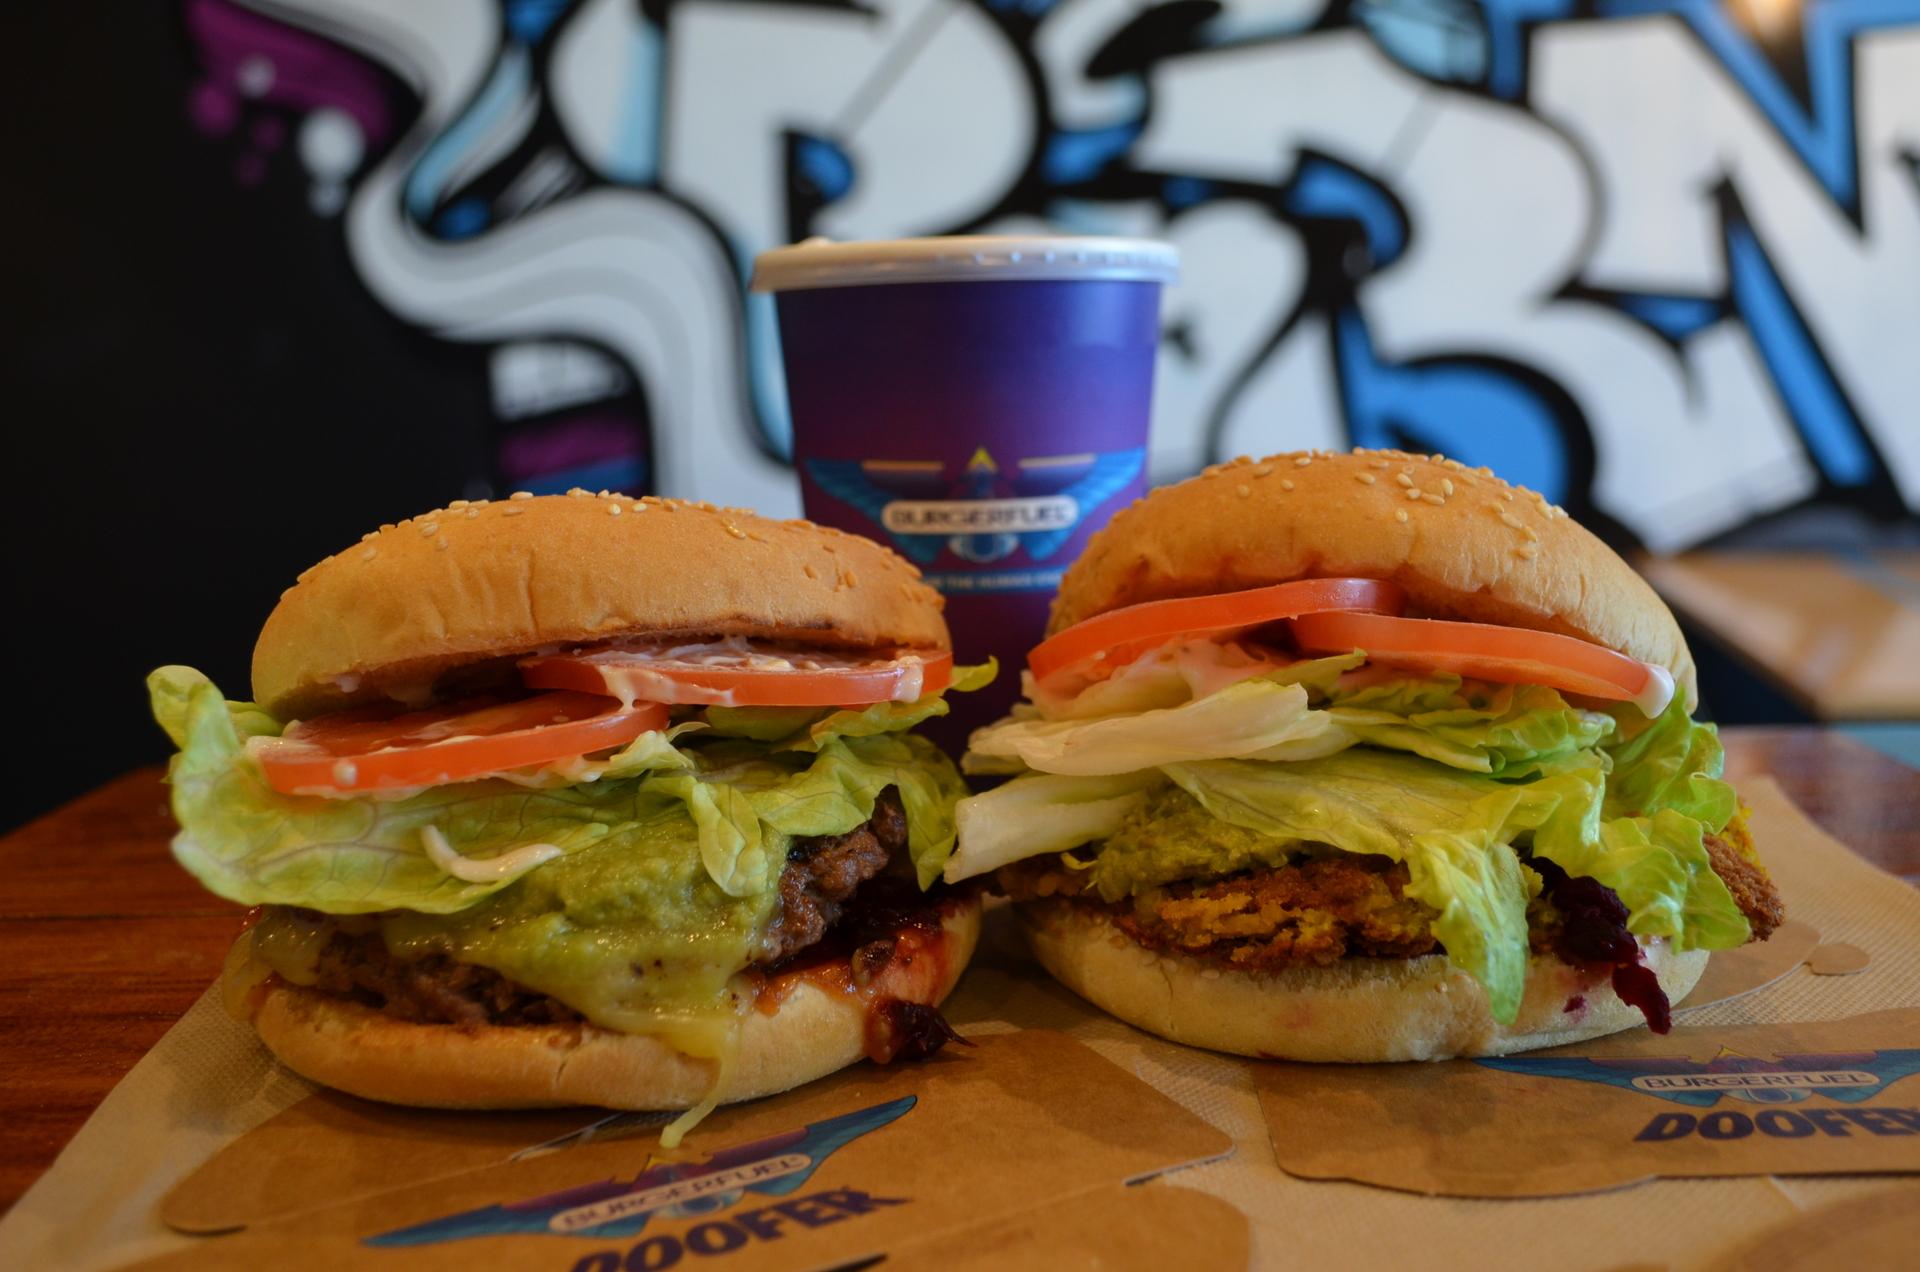 ハンバーガー | オークランド(NZ)在住MYDOニュージーランドさんのおすすめ料理・食べ物